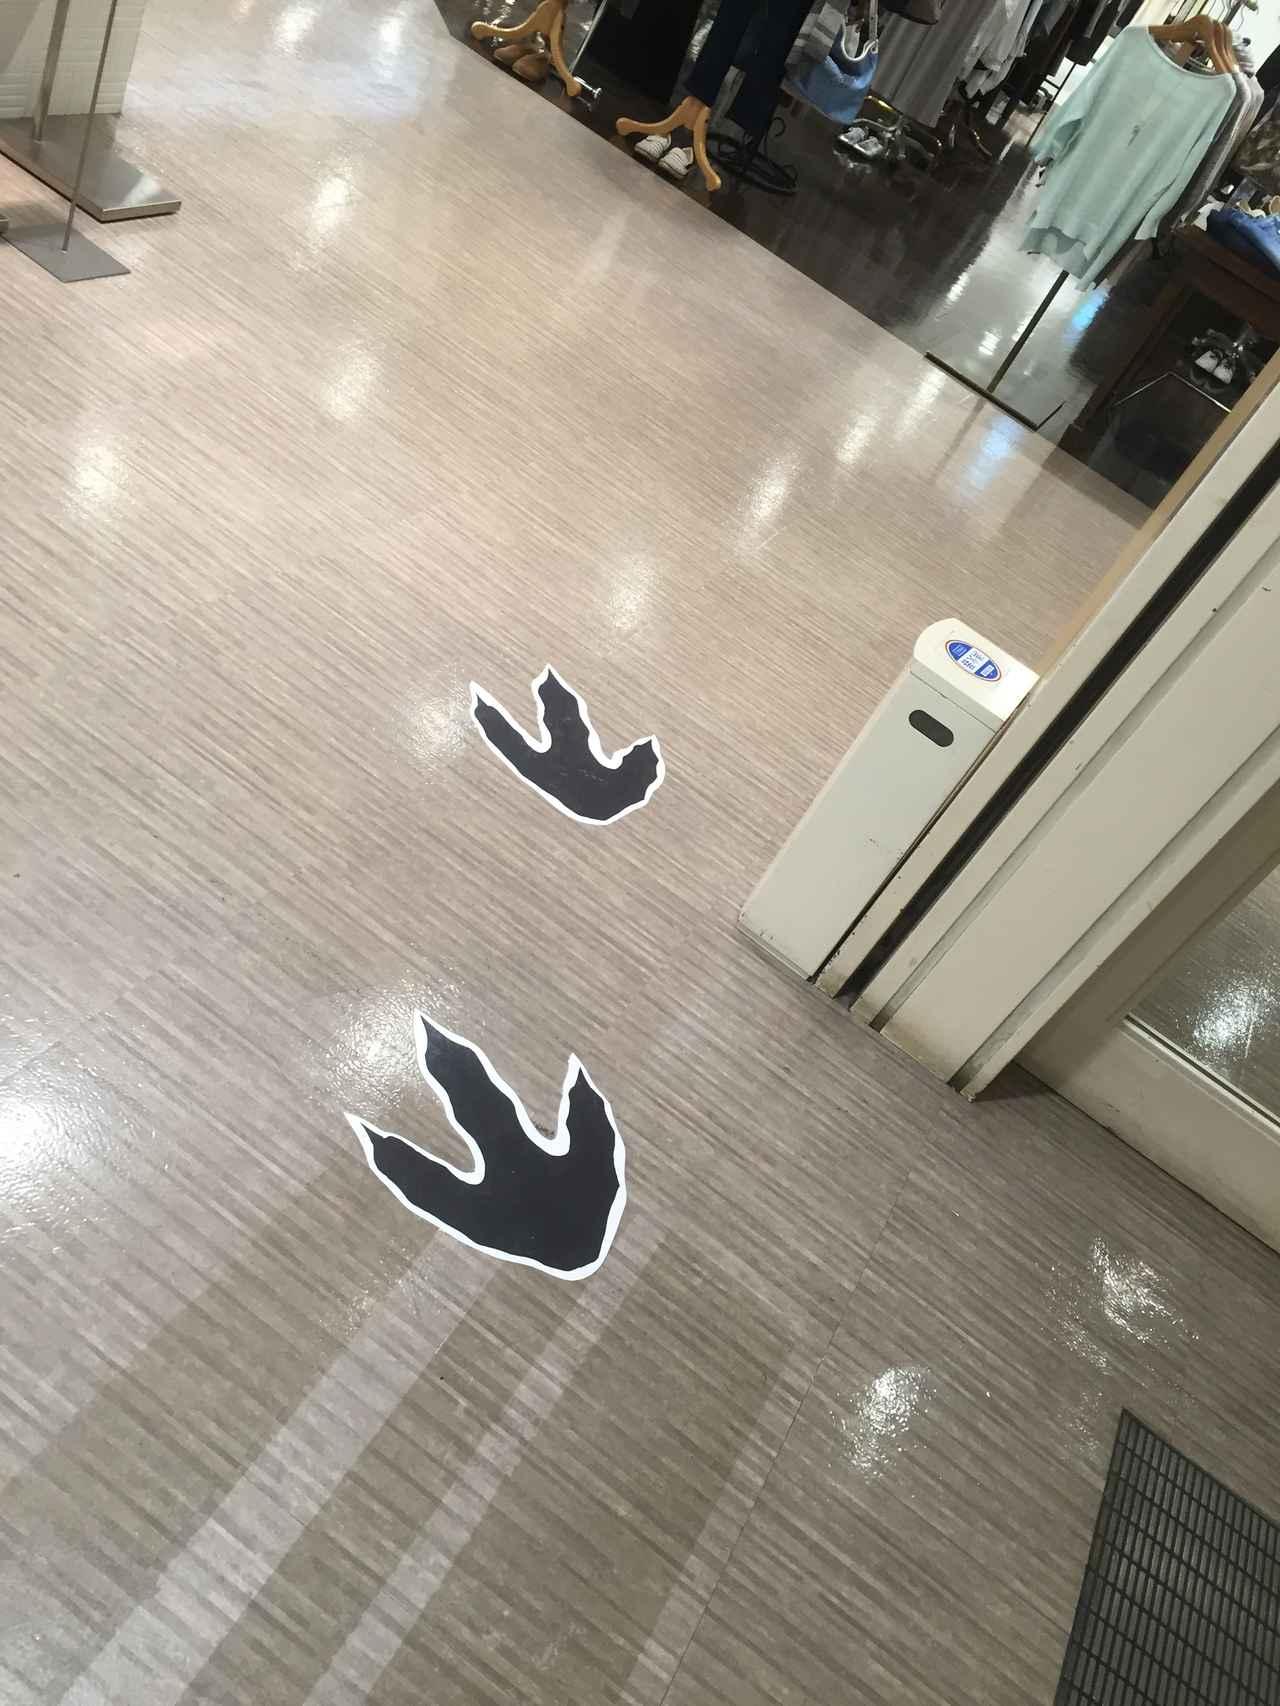 画像: 恐竜の足跡があるのでスタンプの場所がわかりやすい!